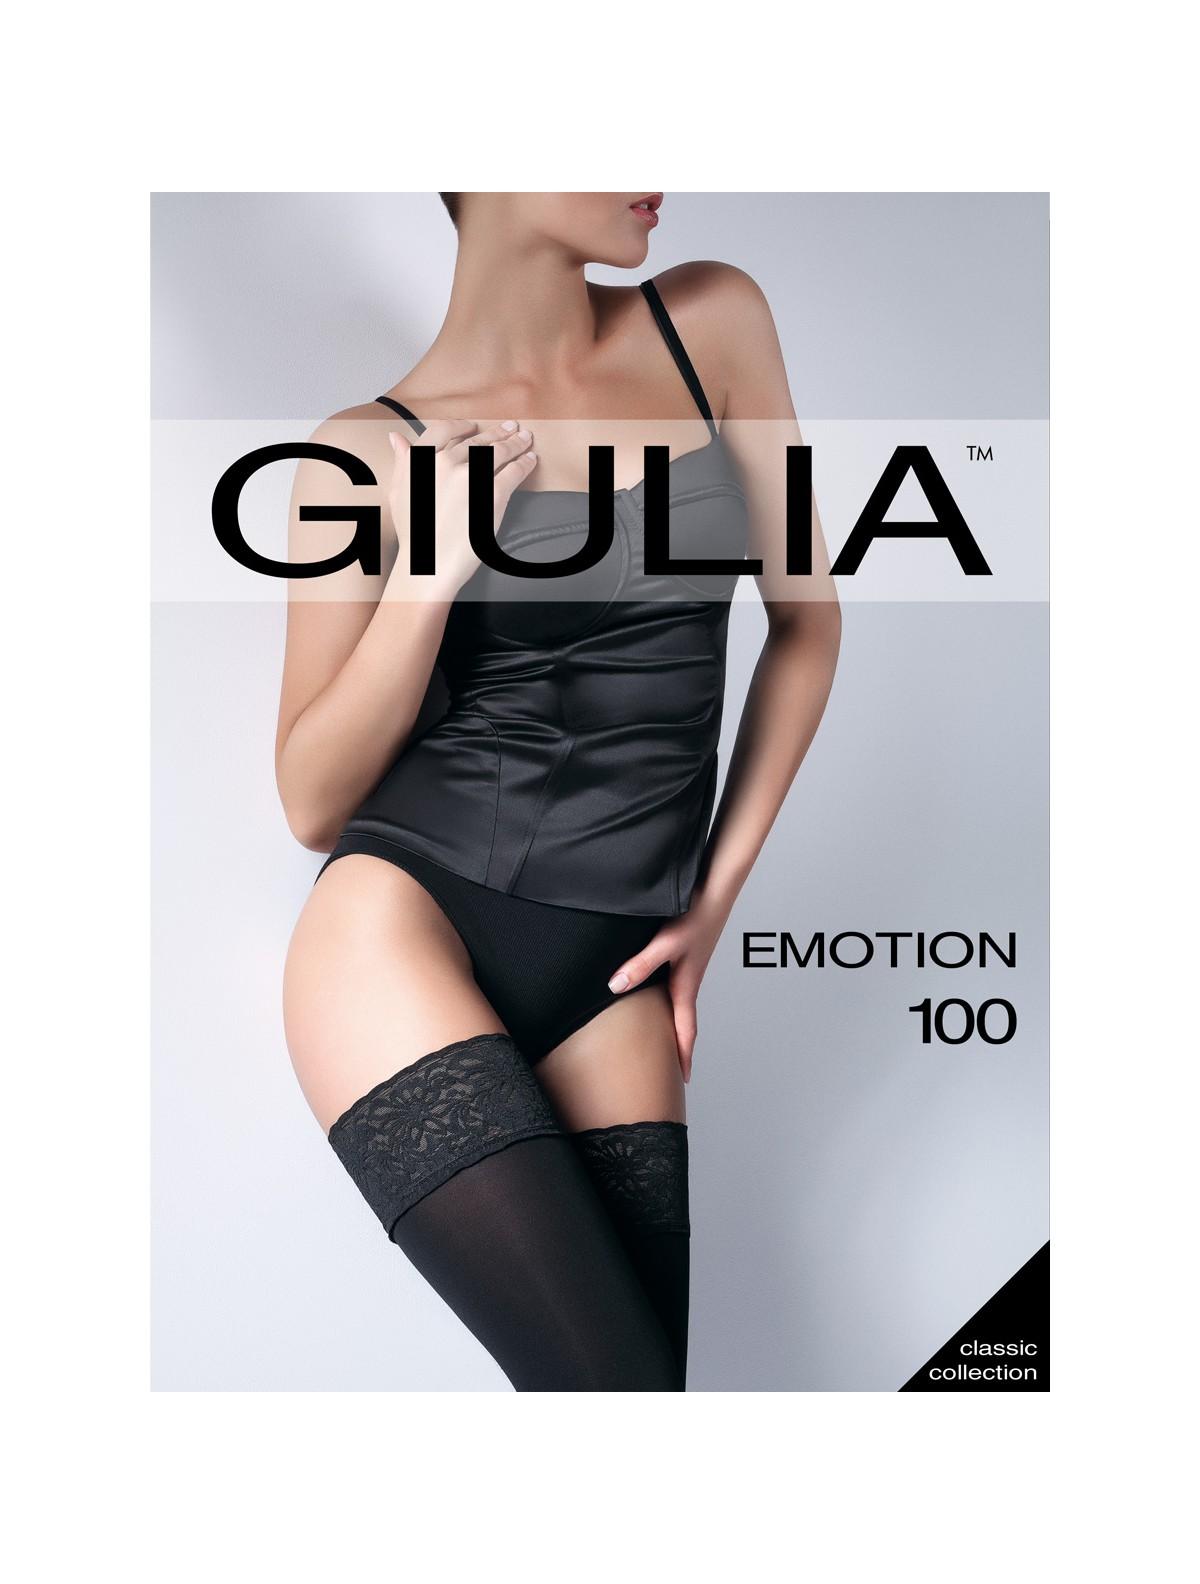 im Angebot helle n Farbe Bestbewerteter Rabatt GIULIA Emotion 100 blickdichte halterlose Strümpfe